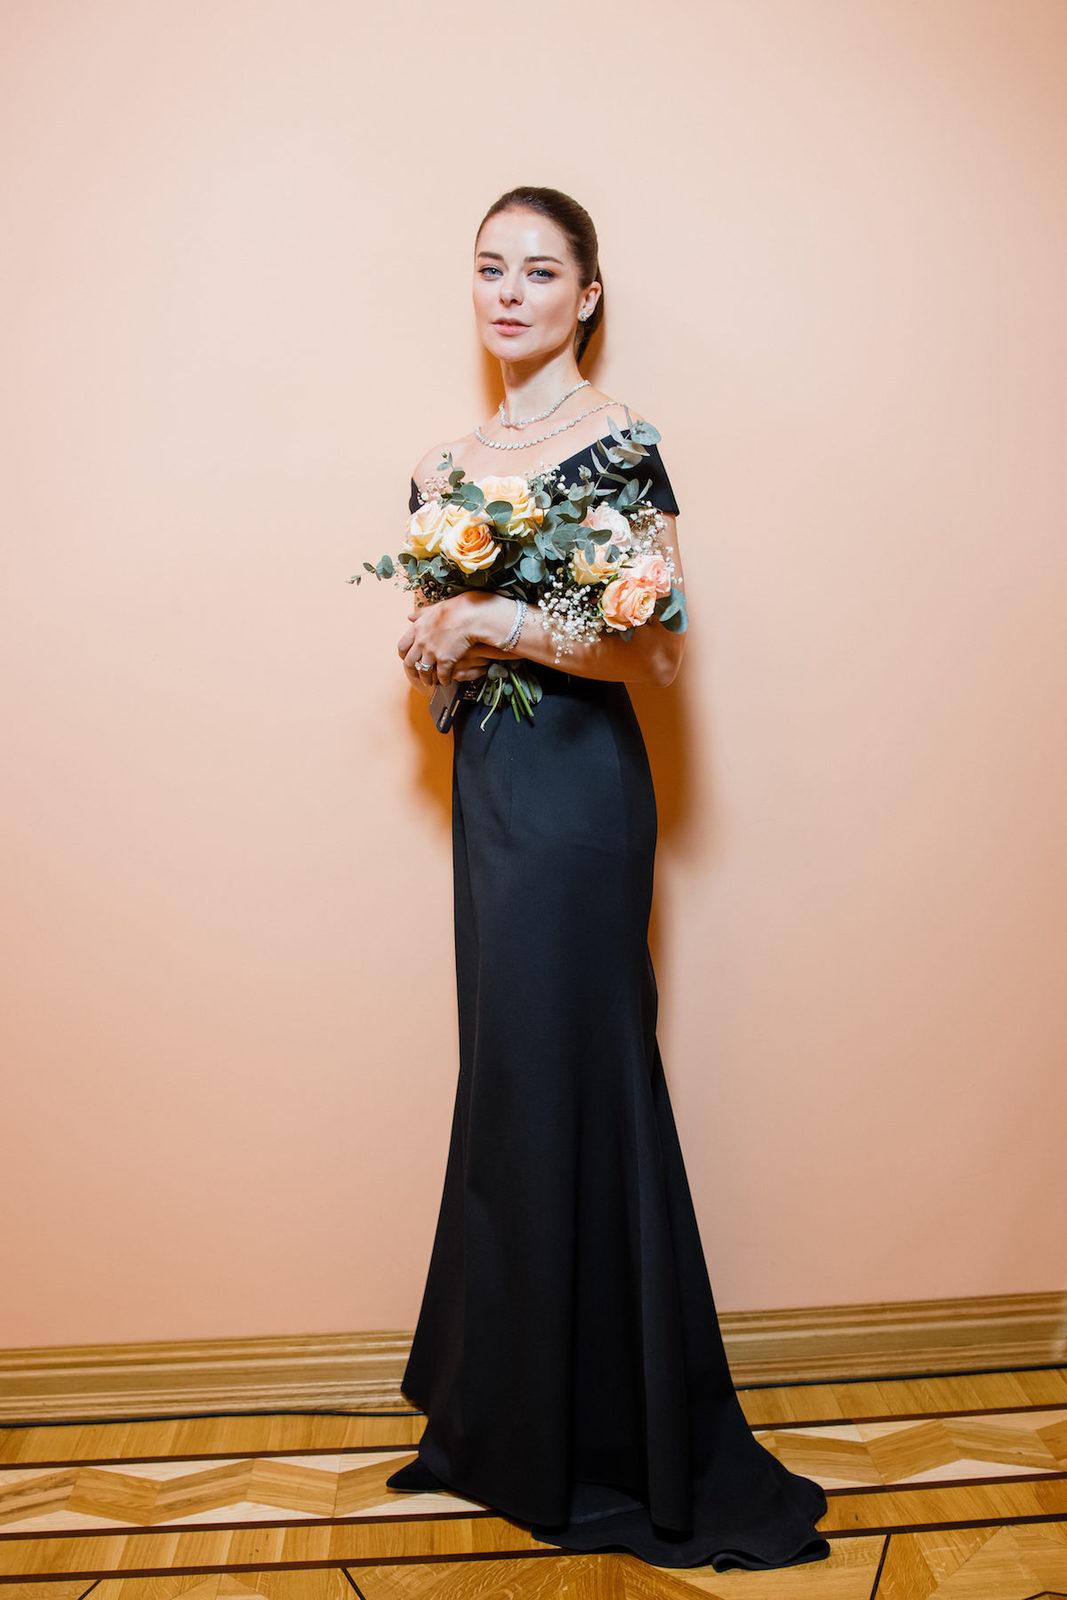 Женщина года - 2019: Елизавета Боярская, Анна Хилькевич и Юлия Пересильд